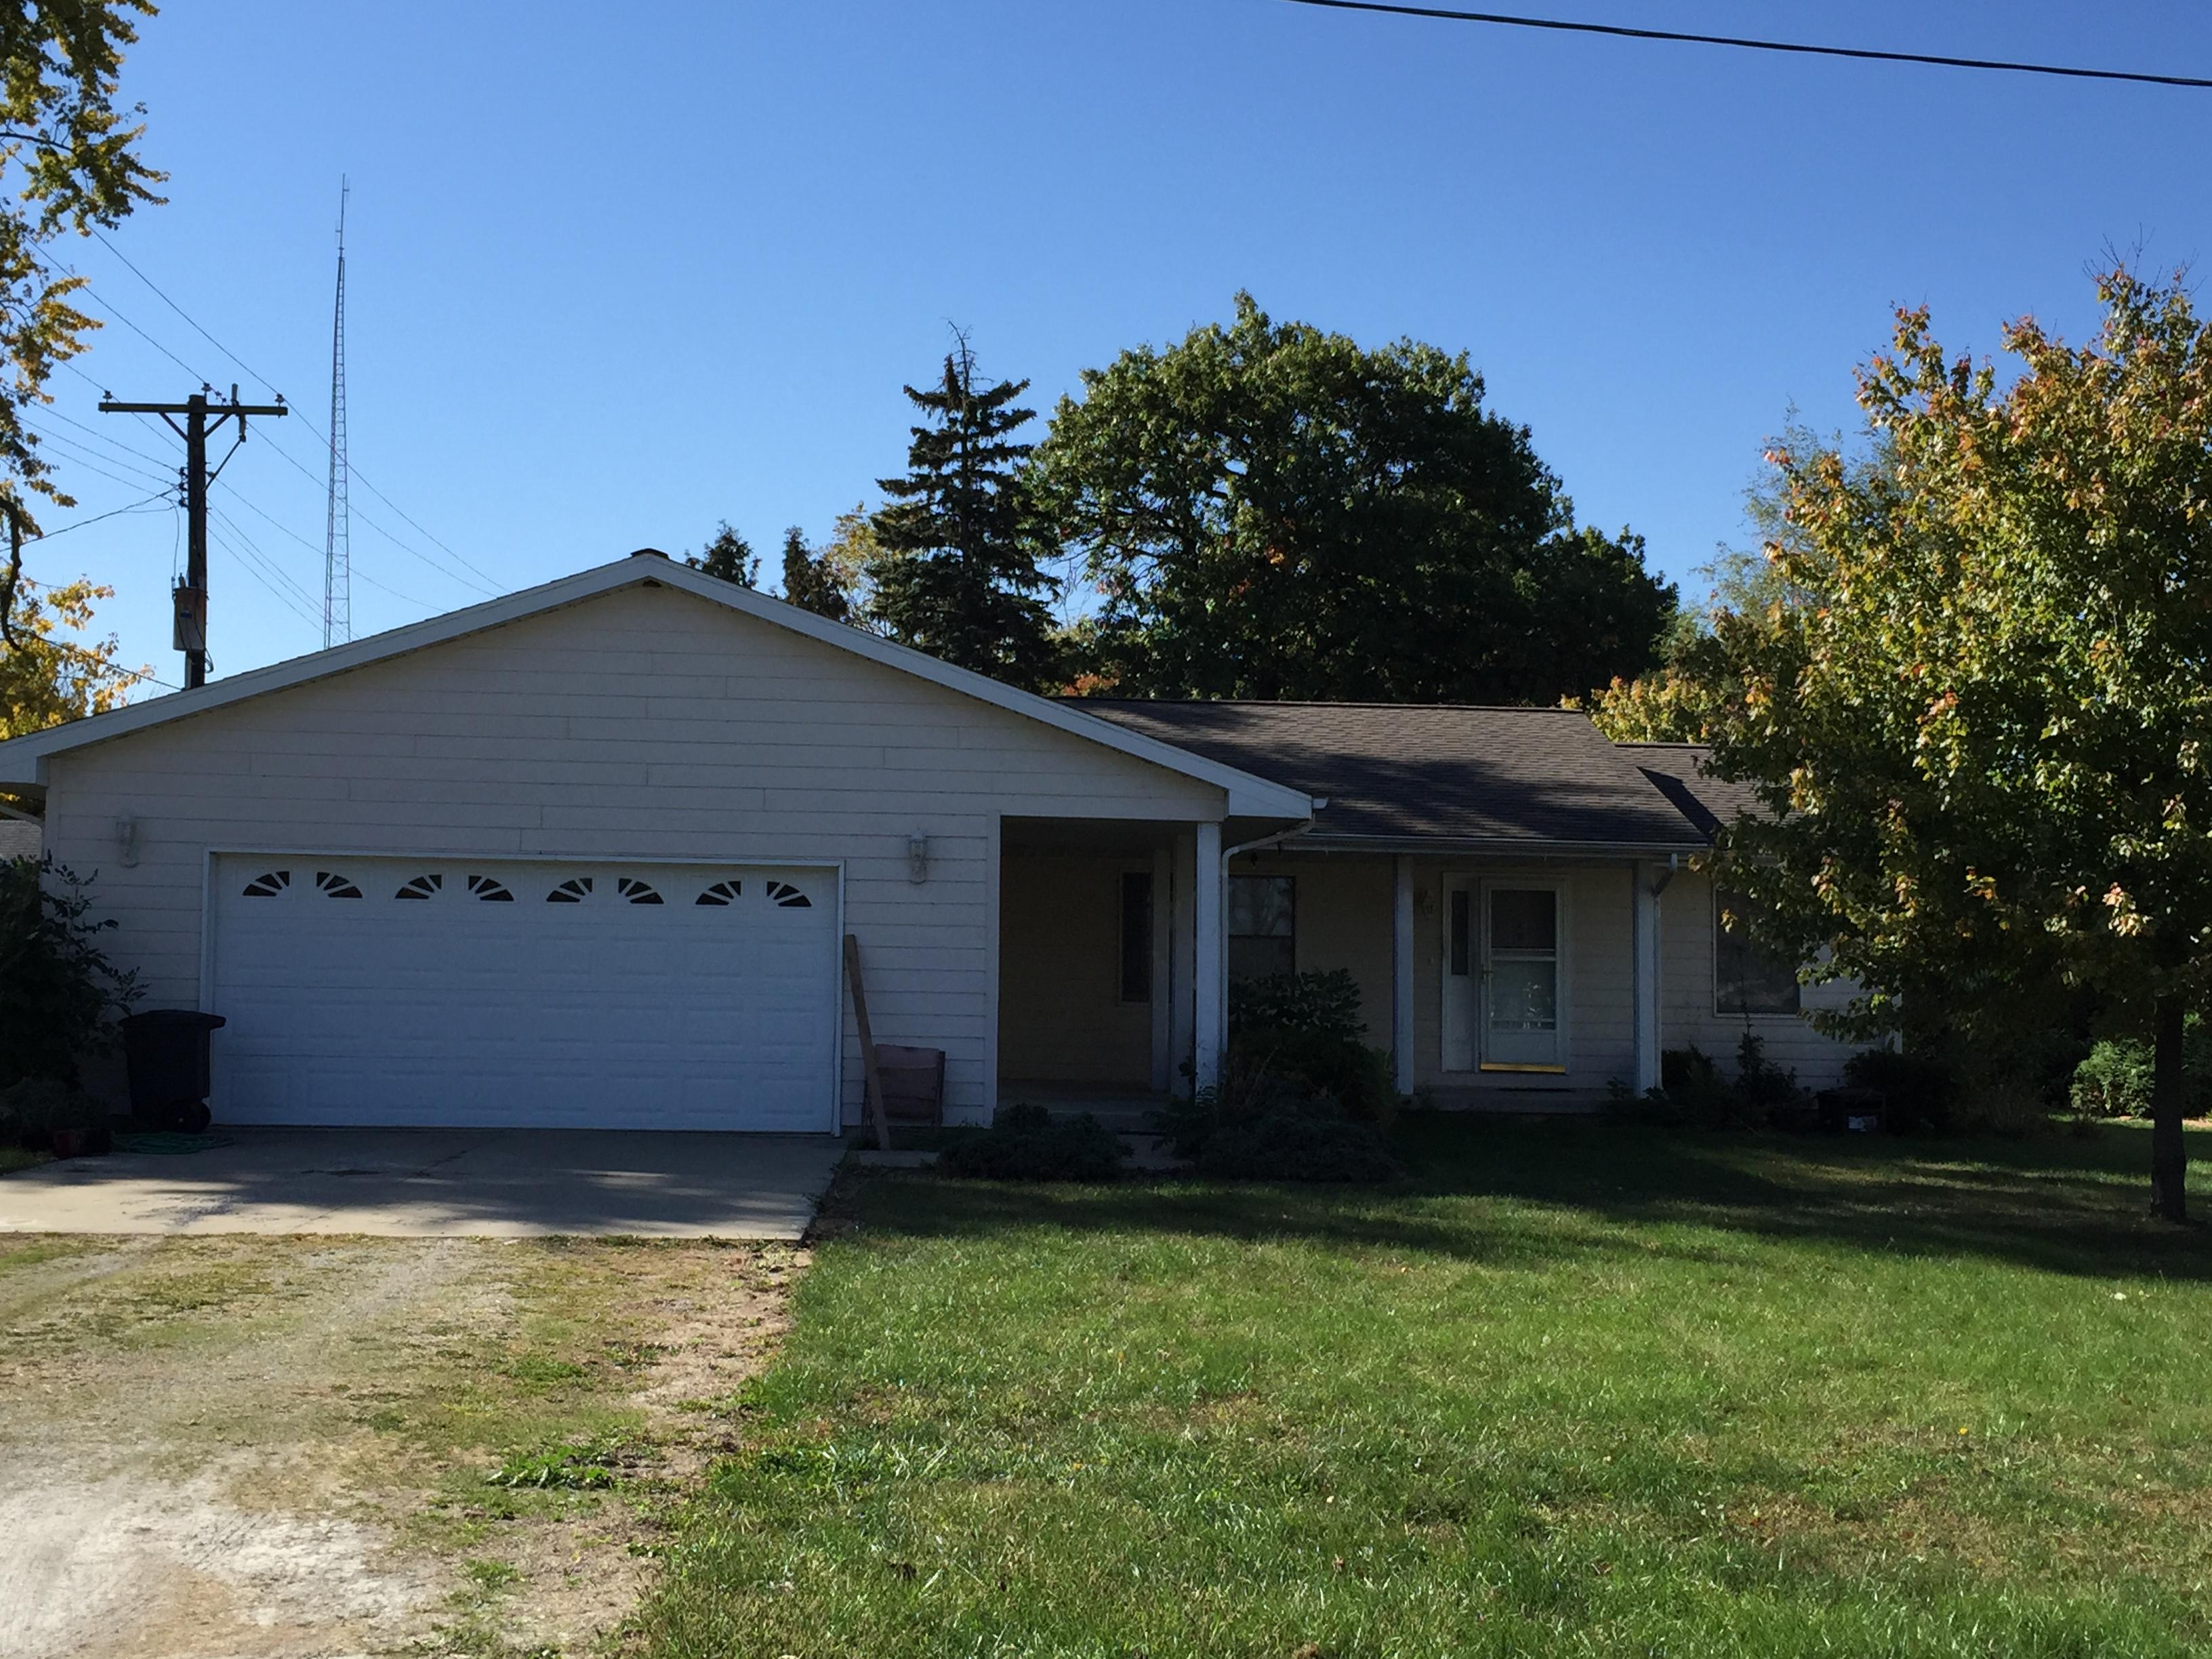 110 W Walnut, Paxton, Illinois 60957